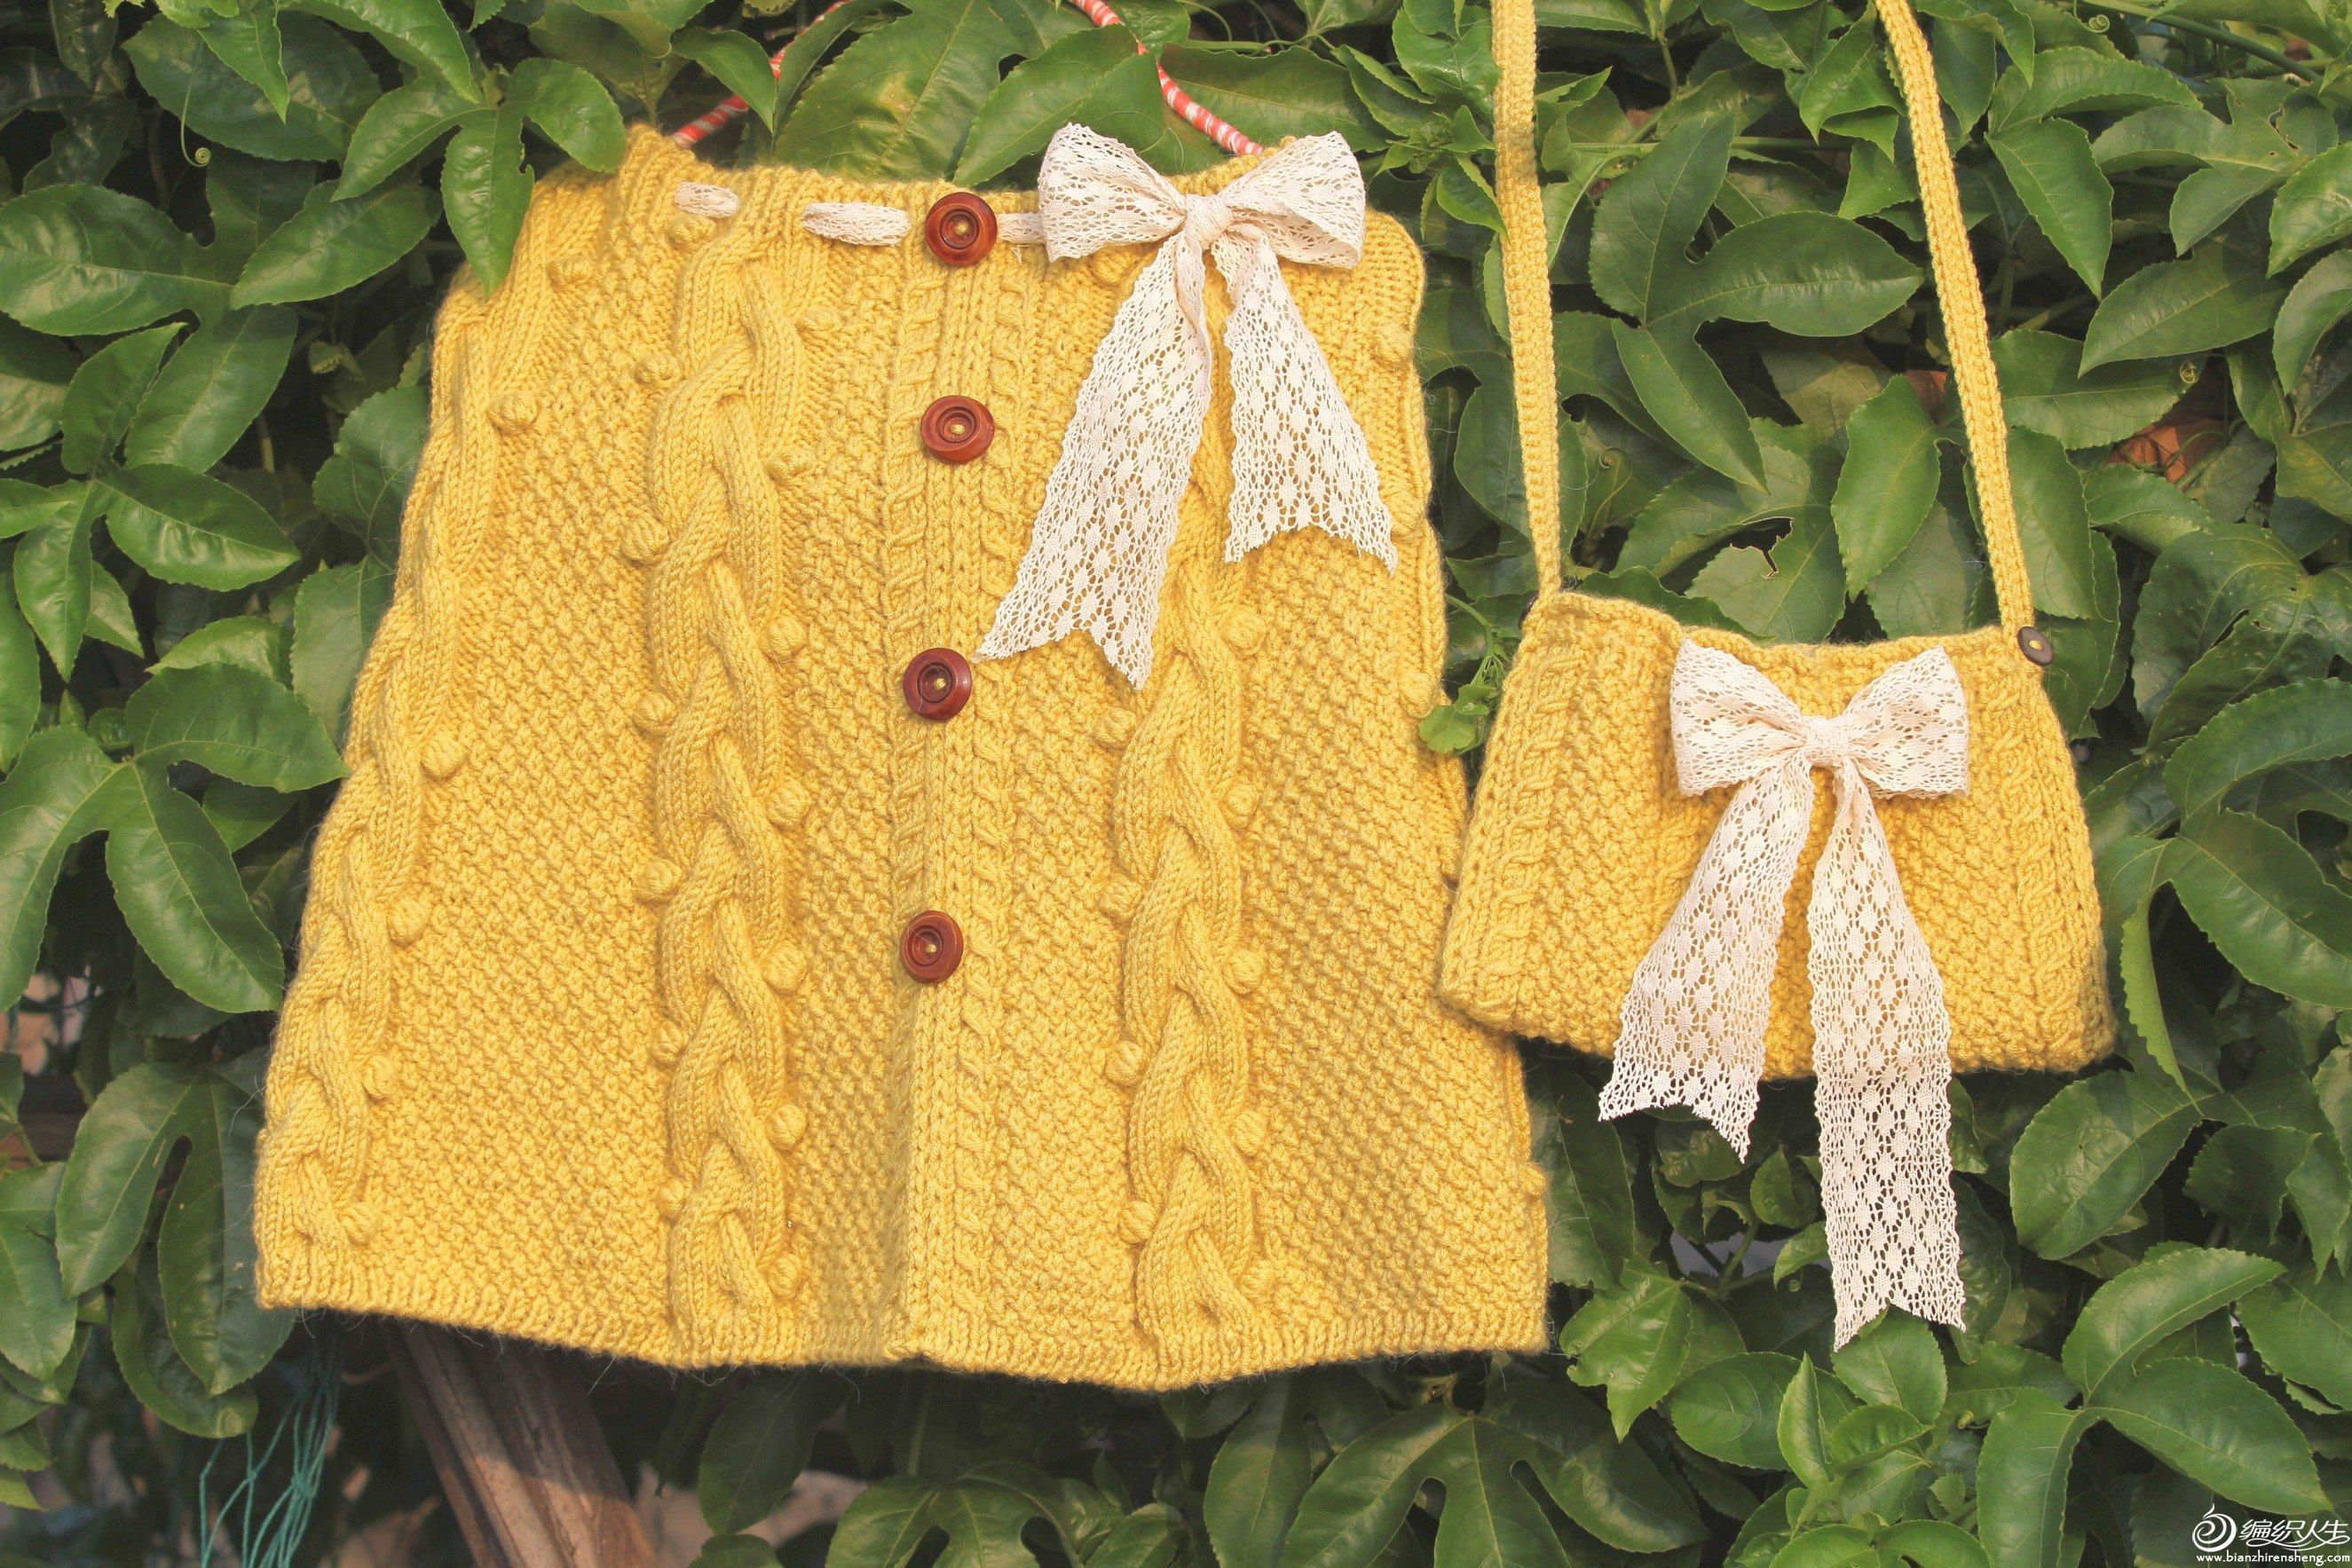 粗针织麻花短袖与包包